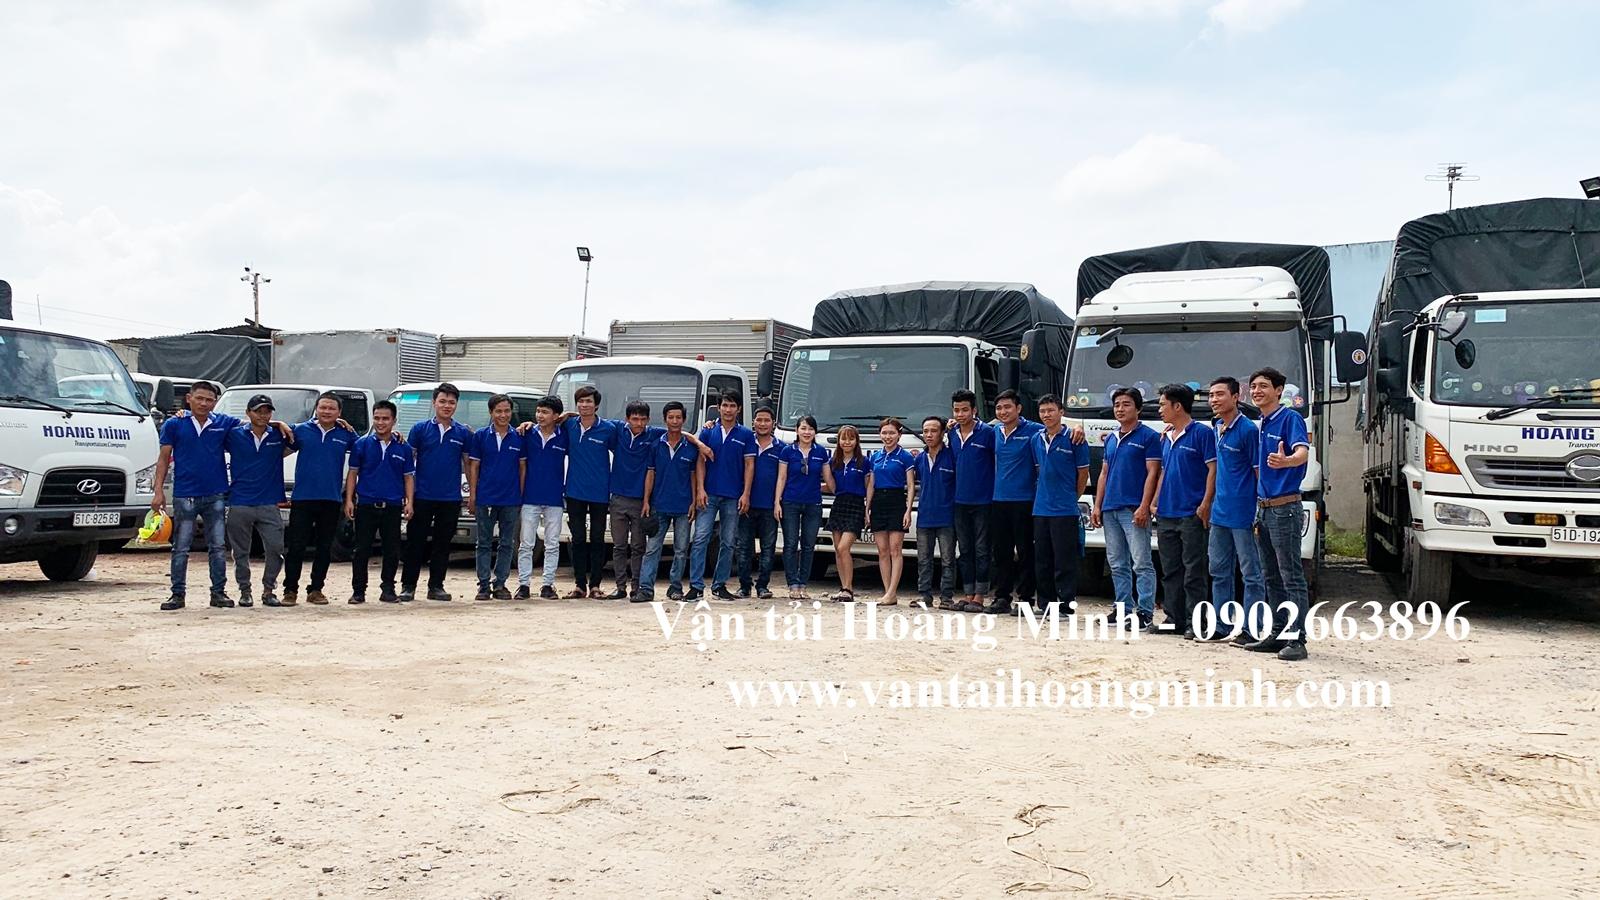 Đơn vị vận tải Hoàng Minh